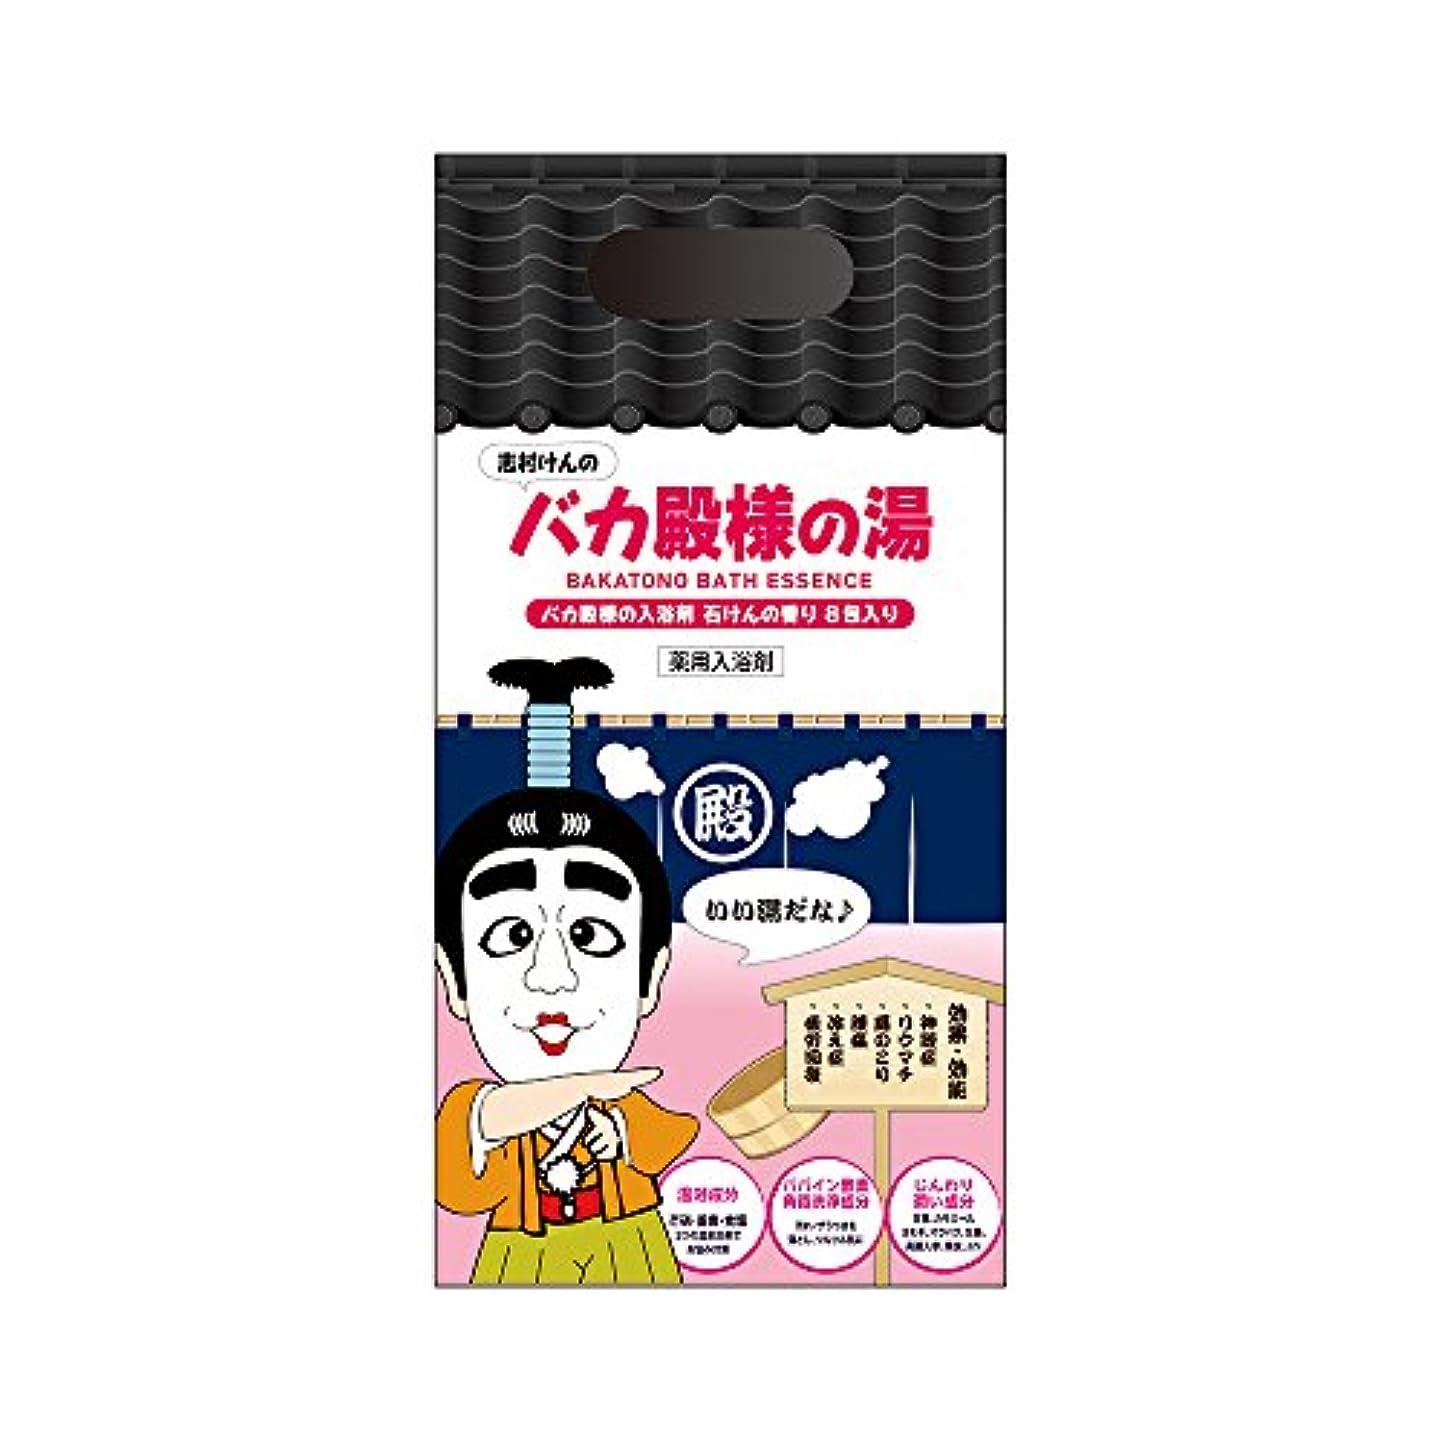 美徳少数パール志村けんのバカ殿様の湯 バカ殿様の入浴剤 石けんの香り (25g × 8包入り)